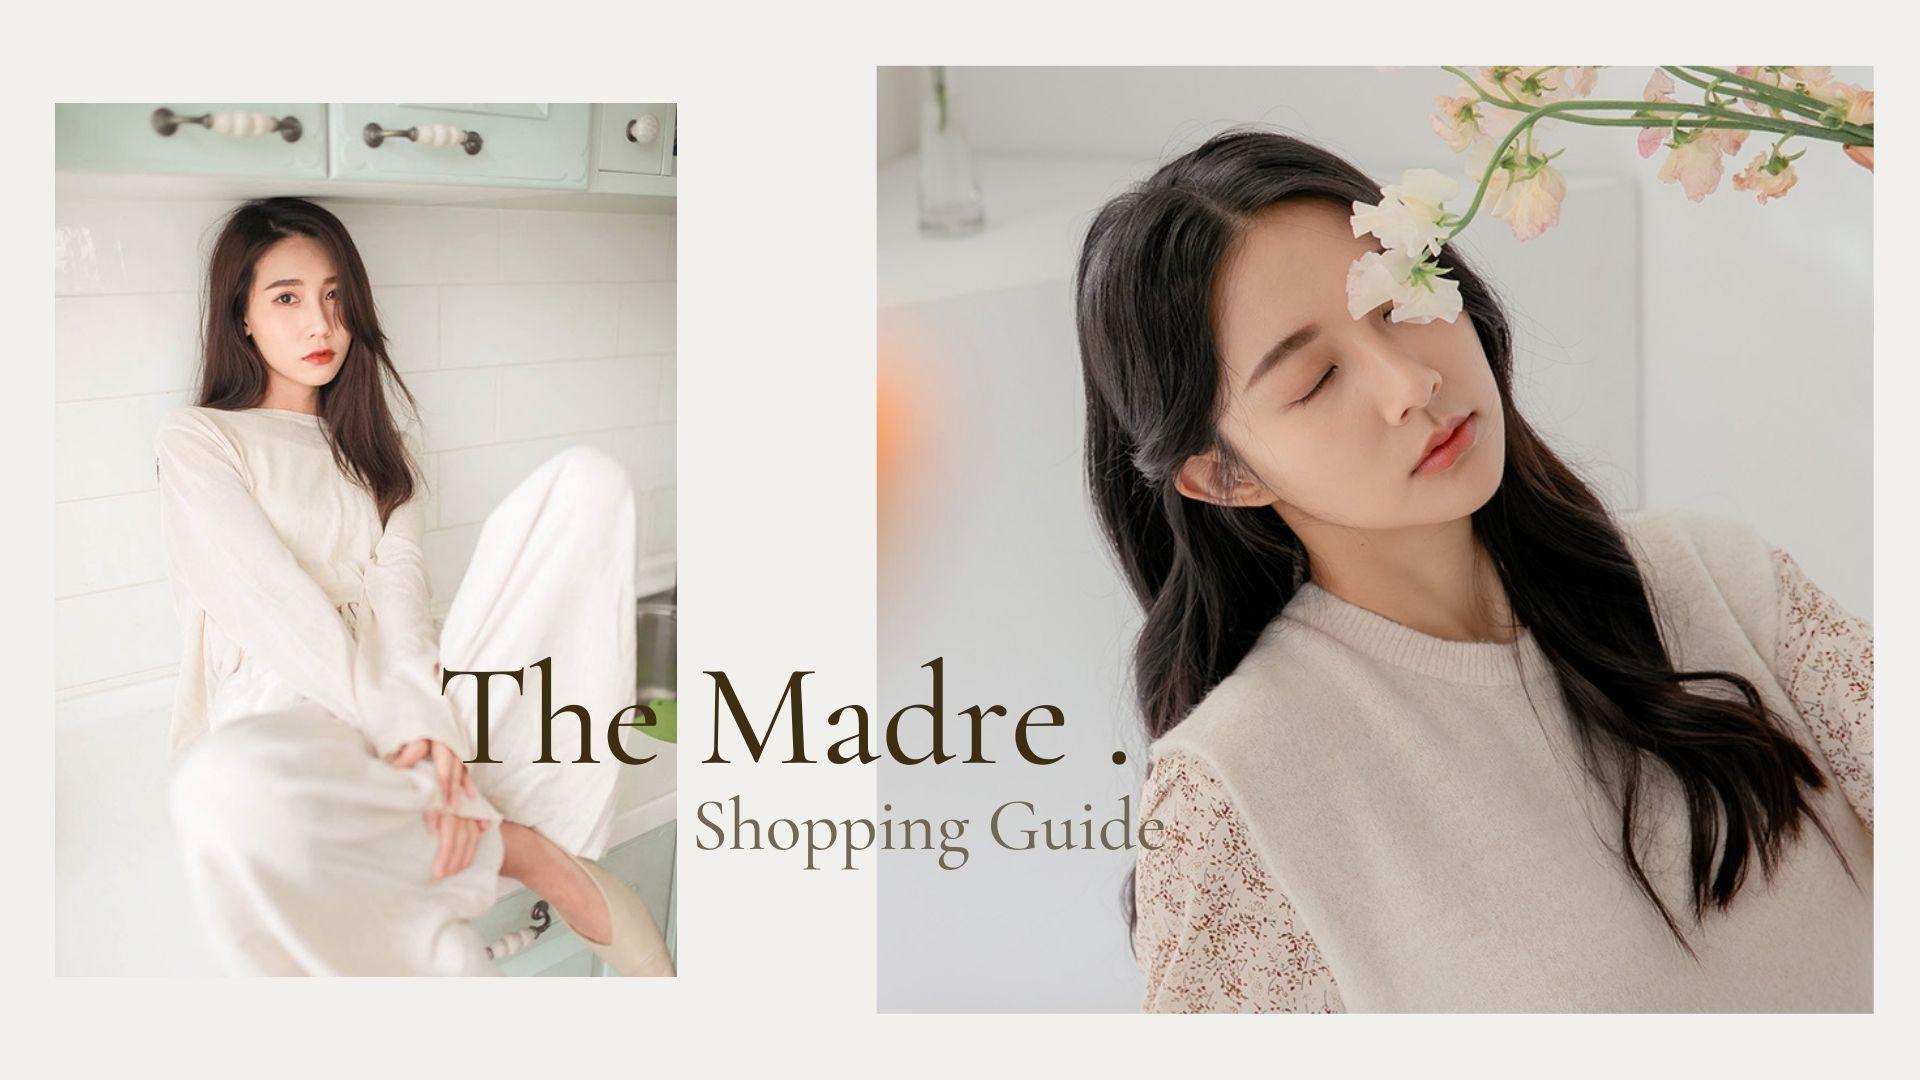 新竹 the madre 女裝完整資訊:優惠、評價、地址